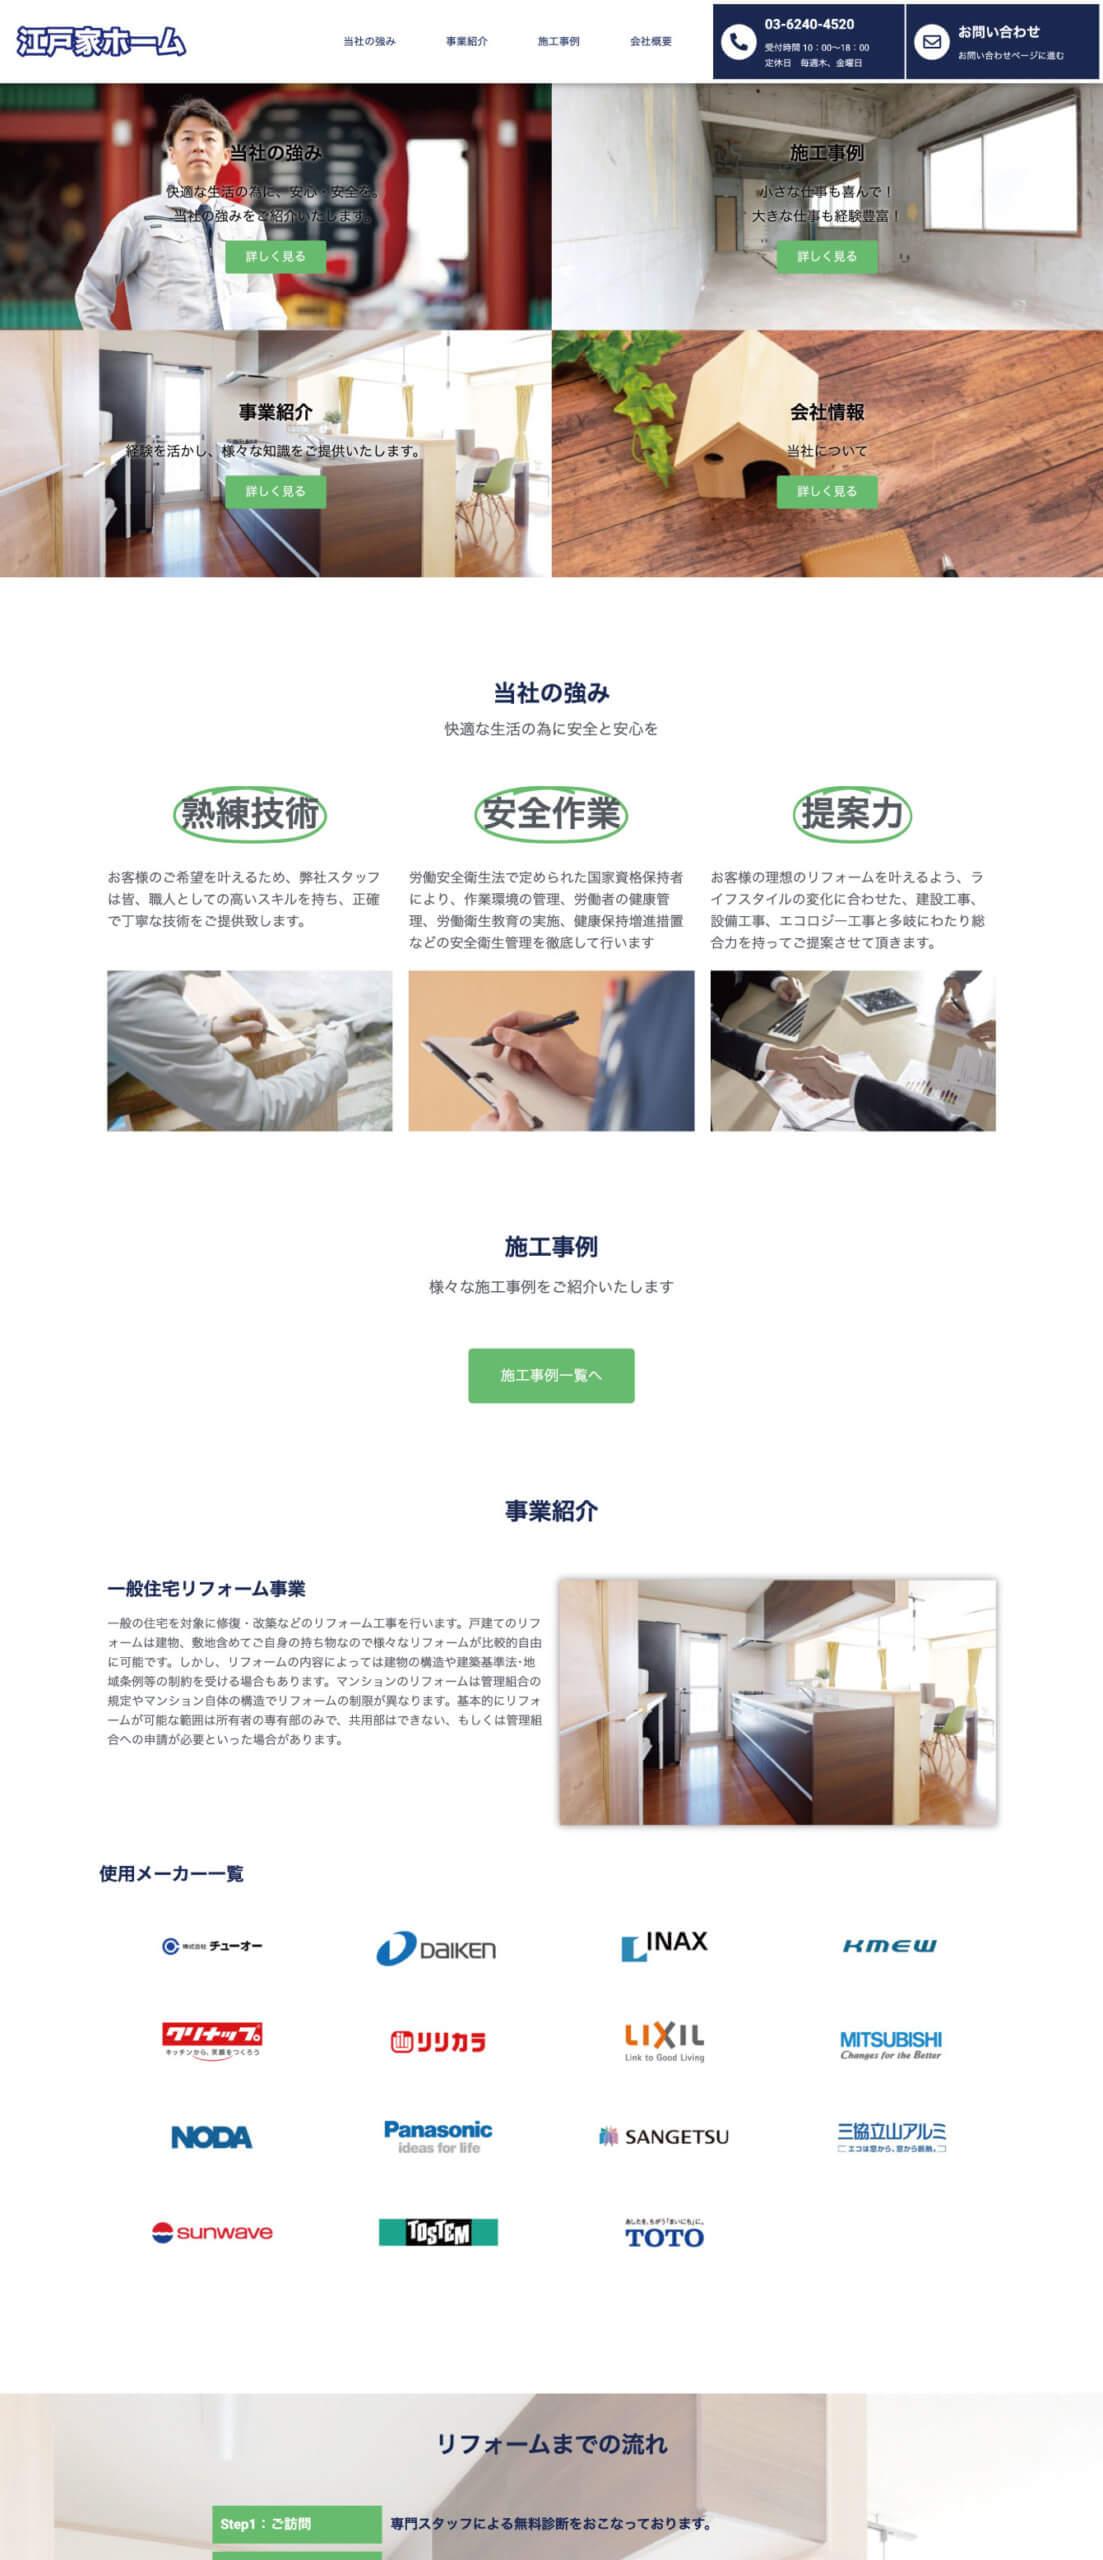 江戸家ホームホームページ、PC版